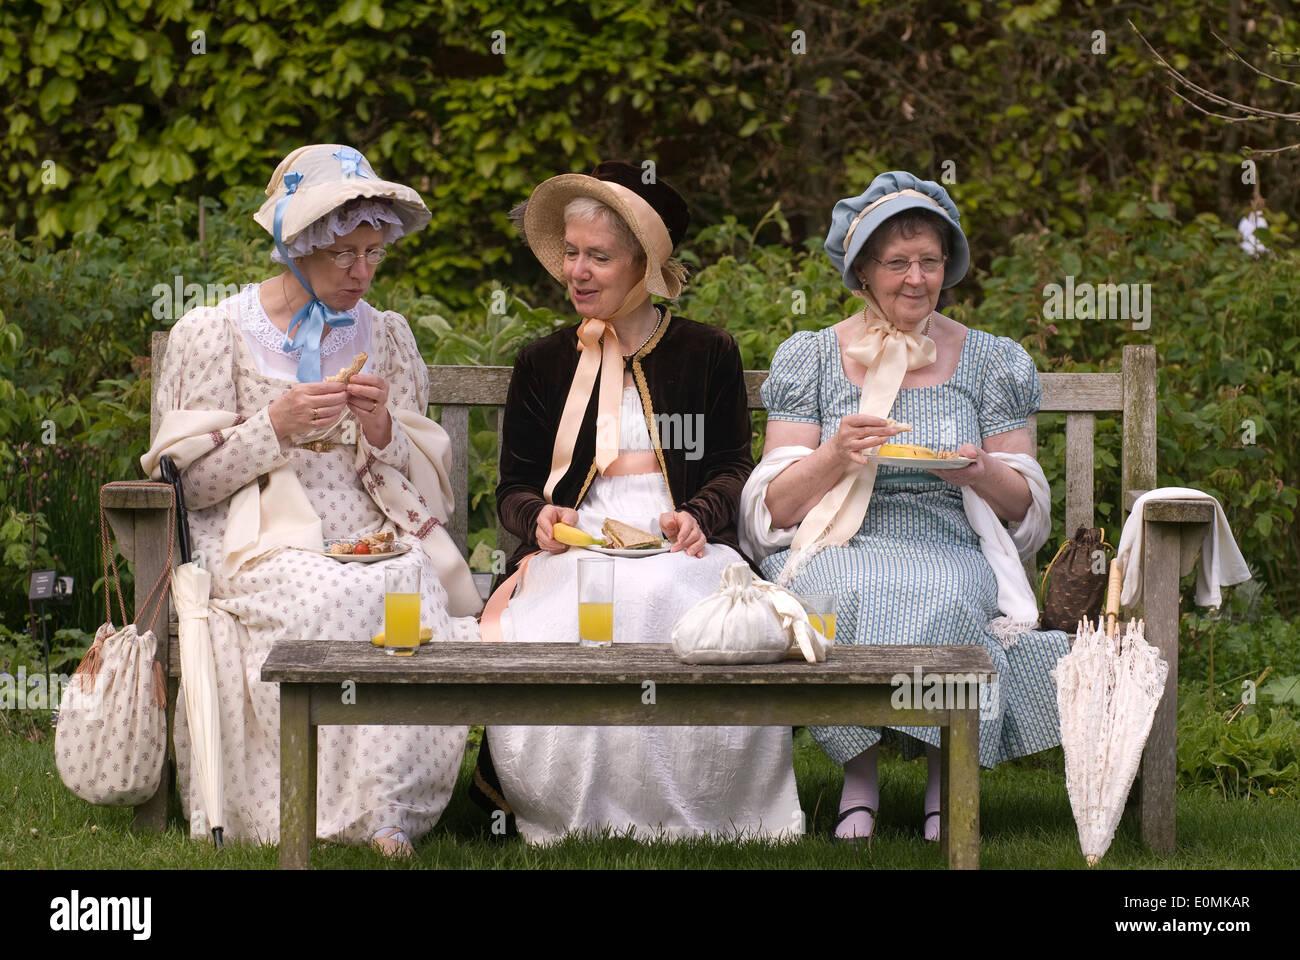 3 mujeres vestidas con el traje de Regency en el jardín de la casa de Jane Austen en Chawton, cerca de Alton, Hampshire, Reino Unido. Imagen De Stock